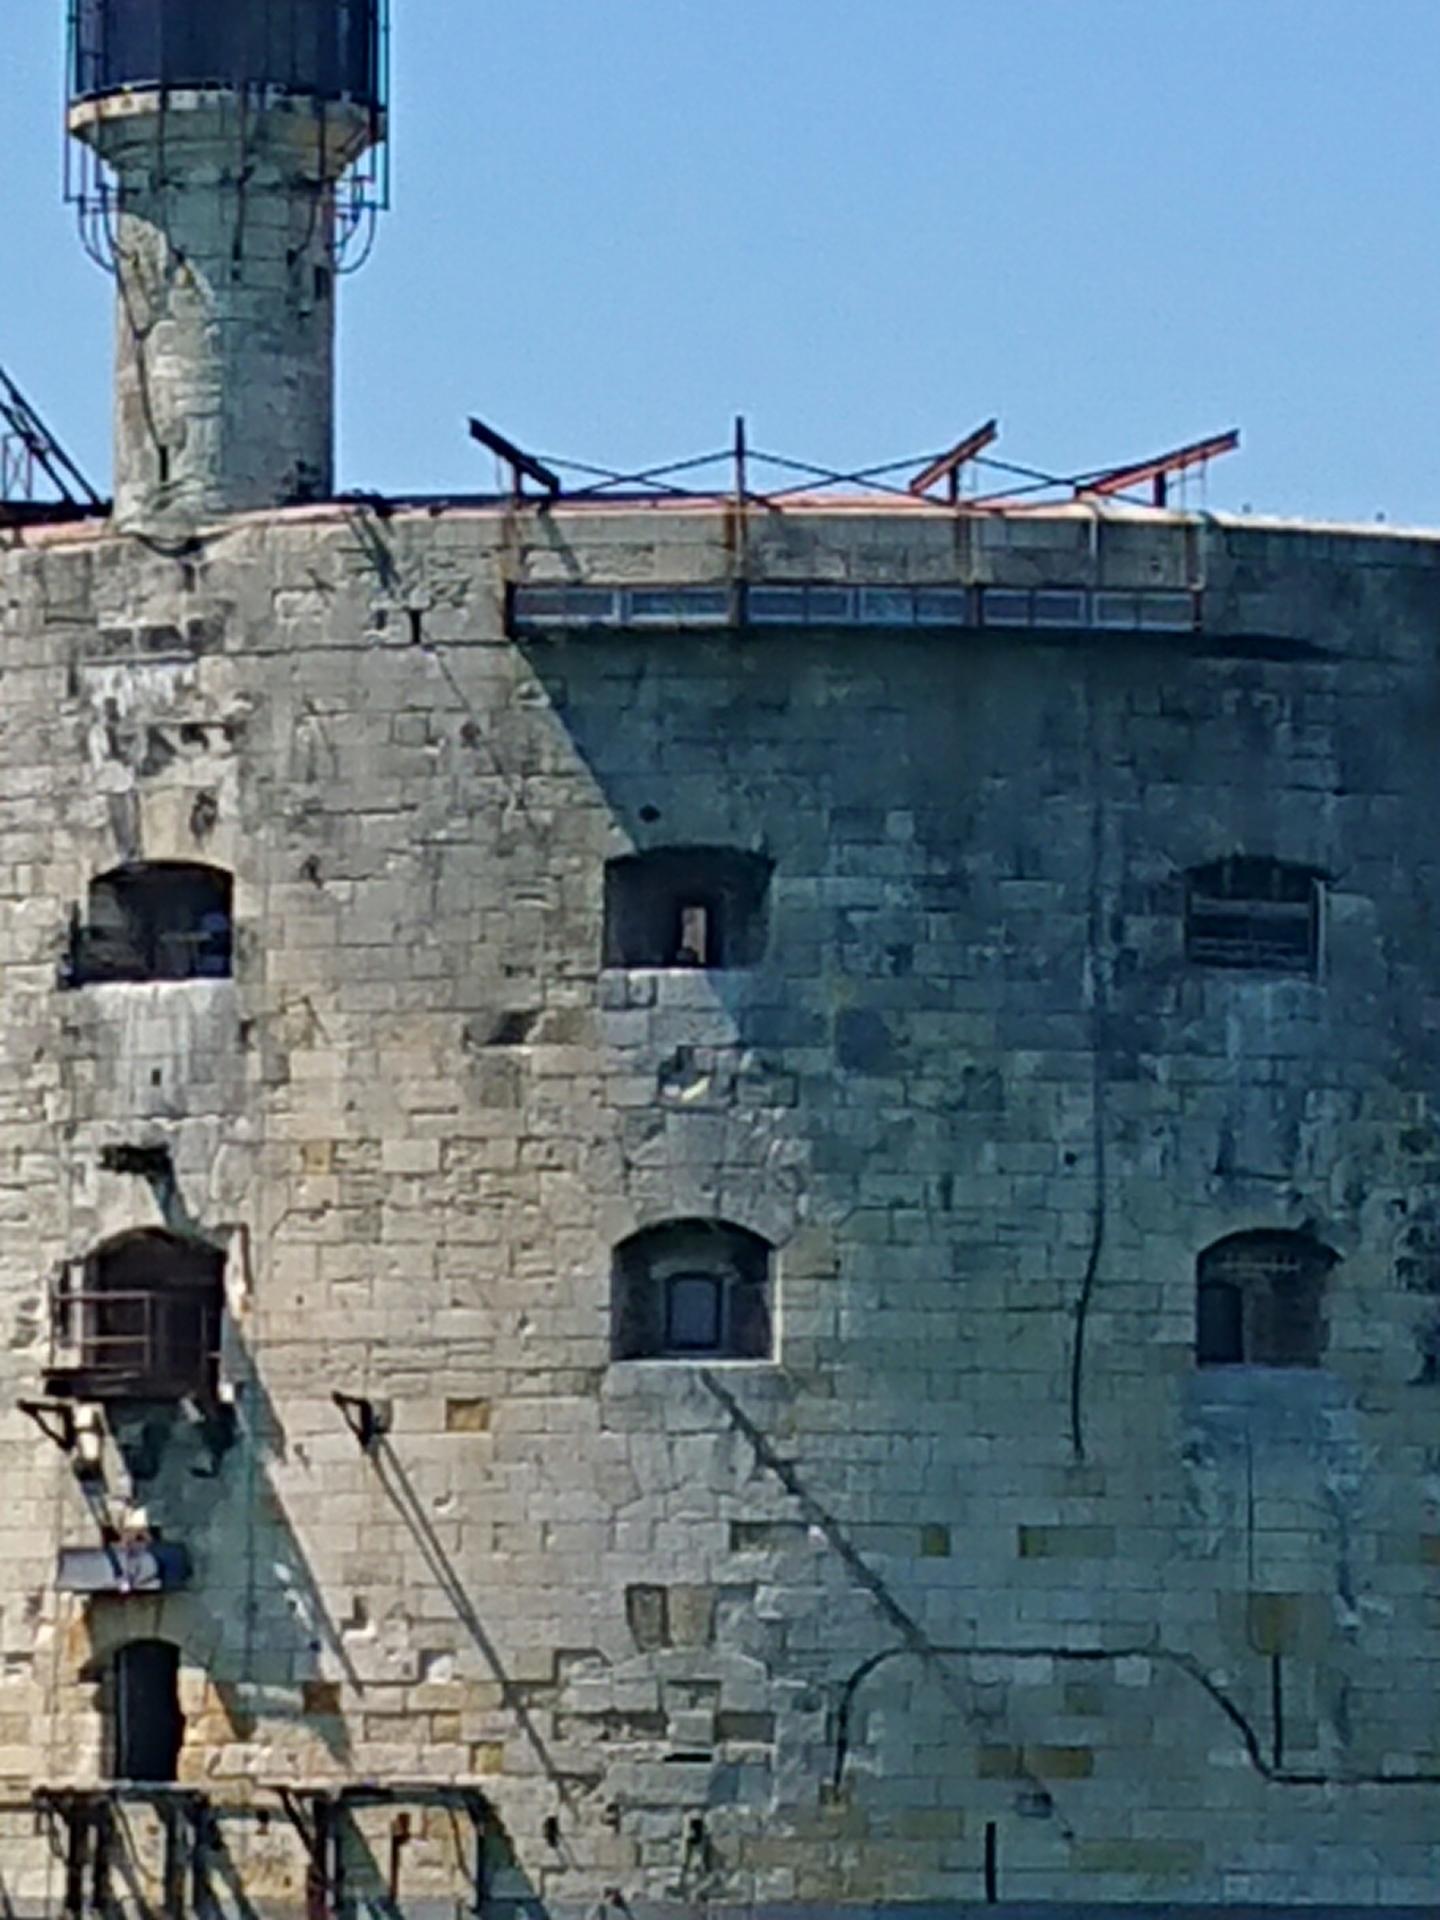 Photos divers de Fort Boyard 2020 (internautes + hors production) Dsc_4913